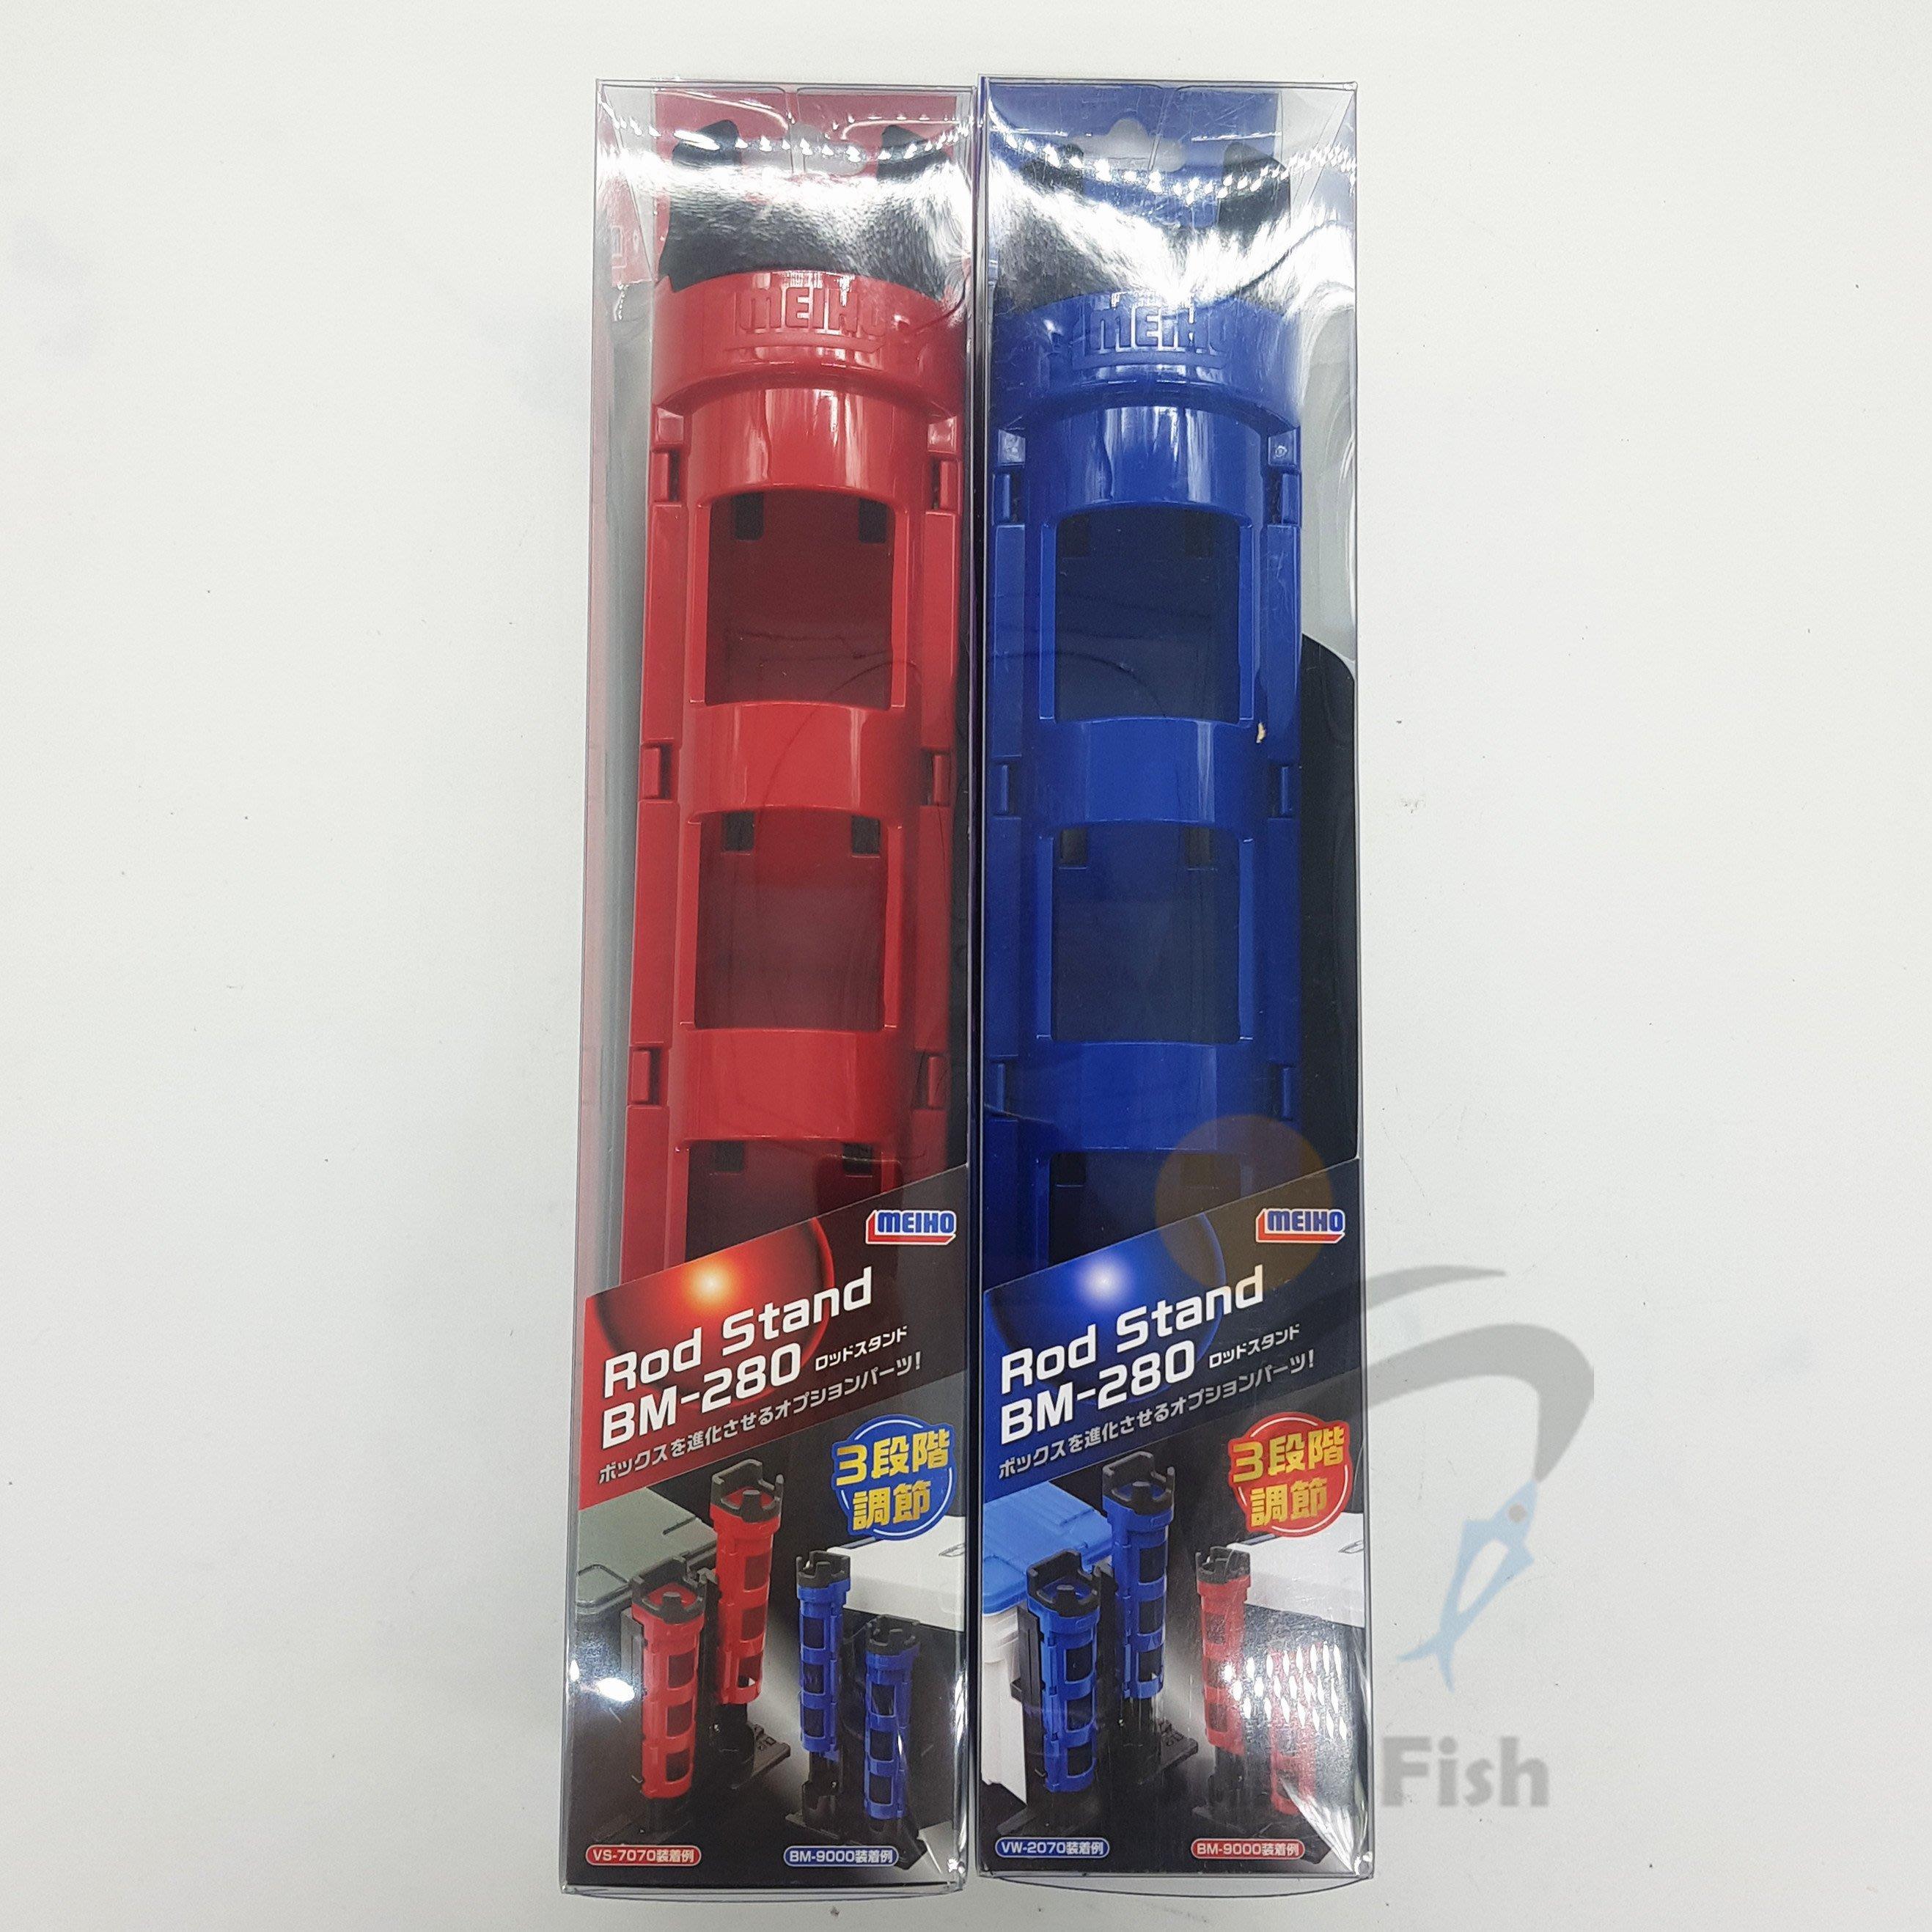 《三富釣具》MEIHO明邦 工具箱/冰箱掛竿架 BM-280 紅/藍 62*70*316mm 商編 612432/449